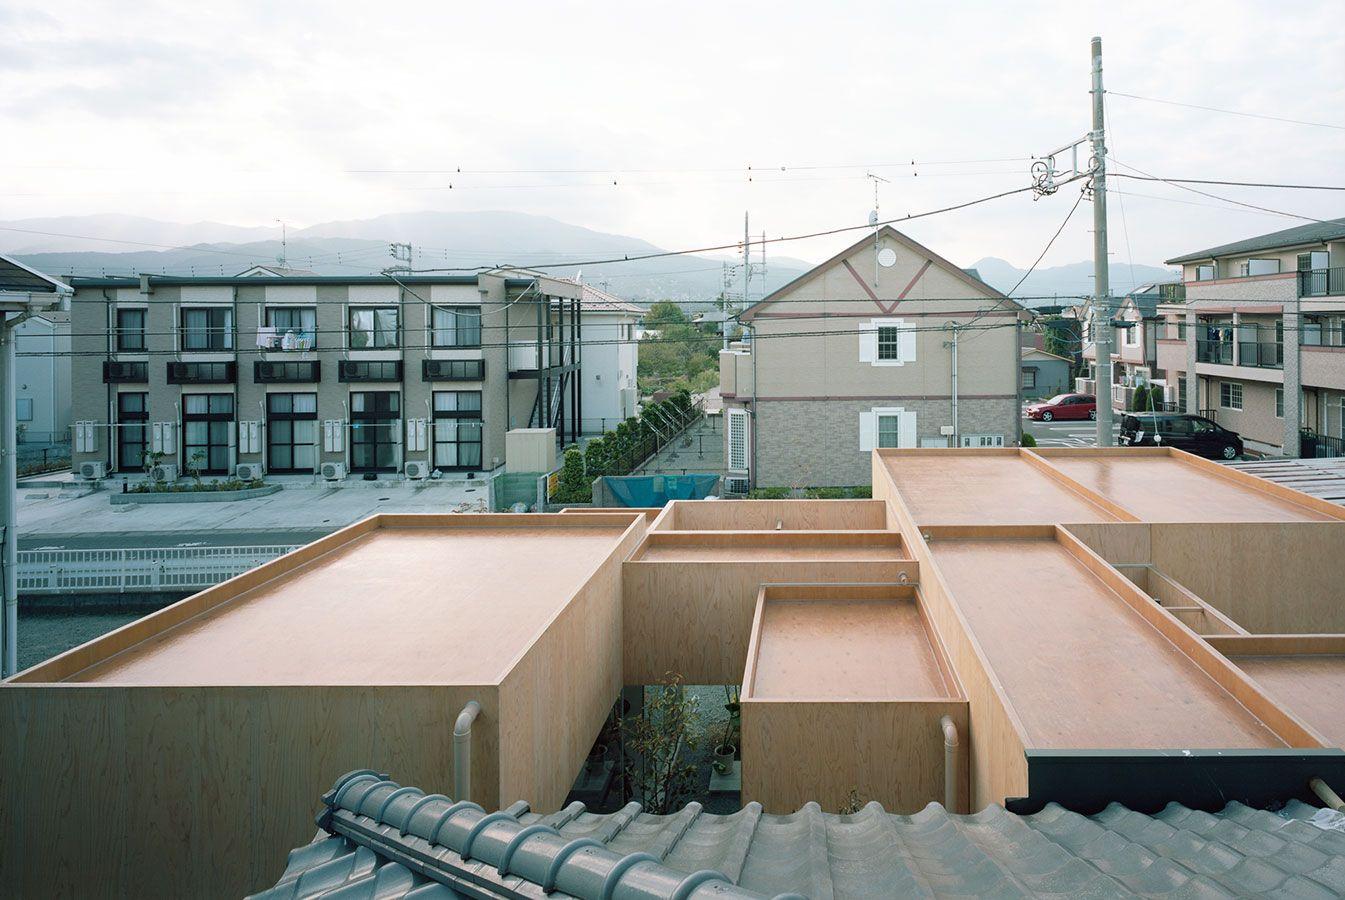 Innenarchitektur von schlafzimmermöbeln the cleanest roof i ever saw hiroyuki shinozaki architects  篠崎